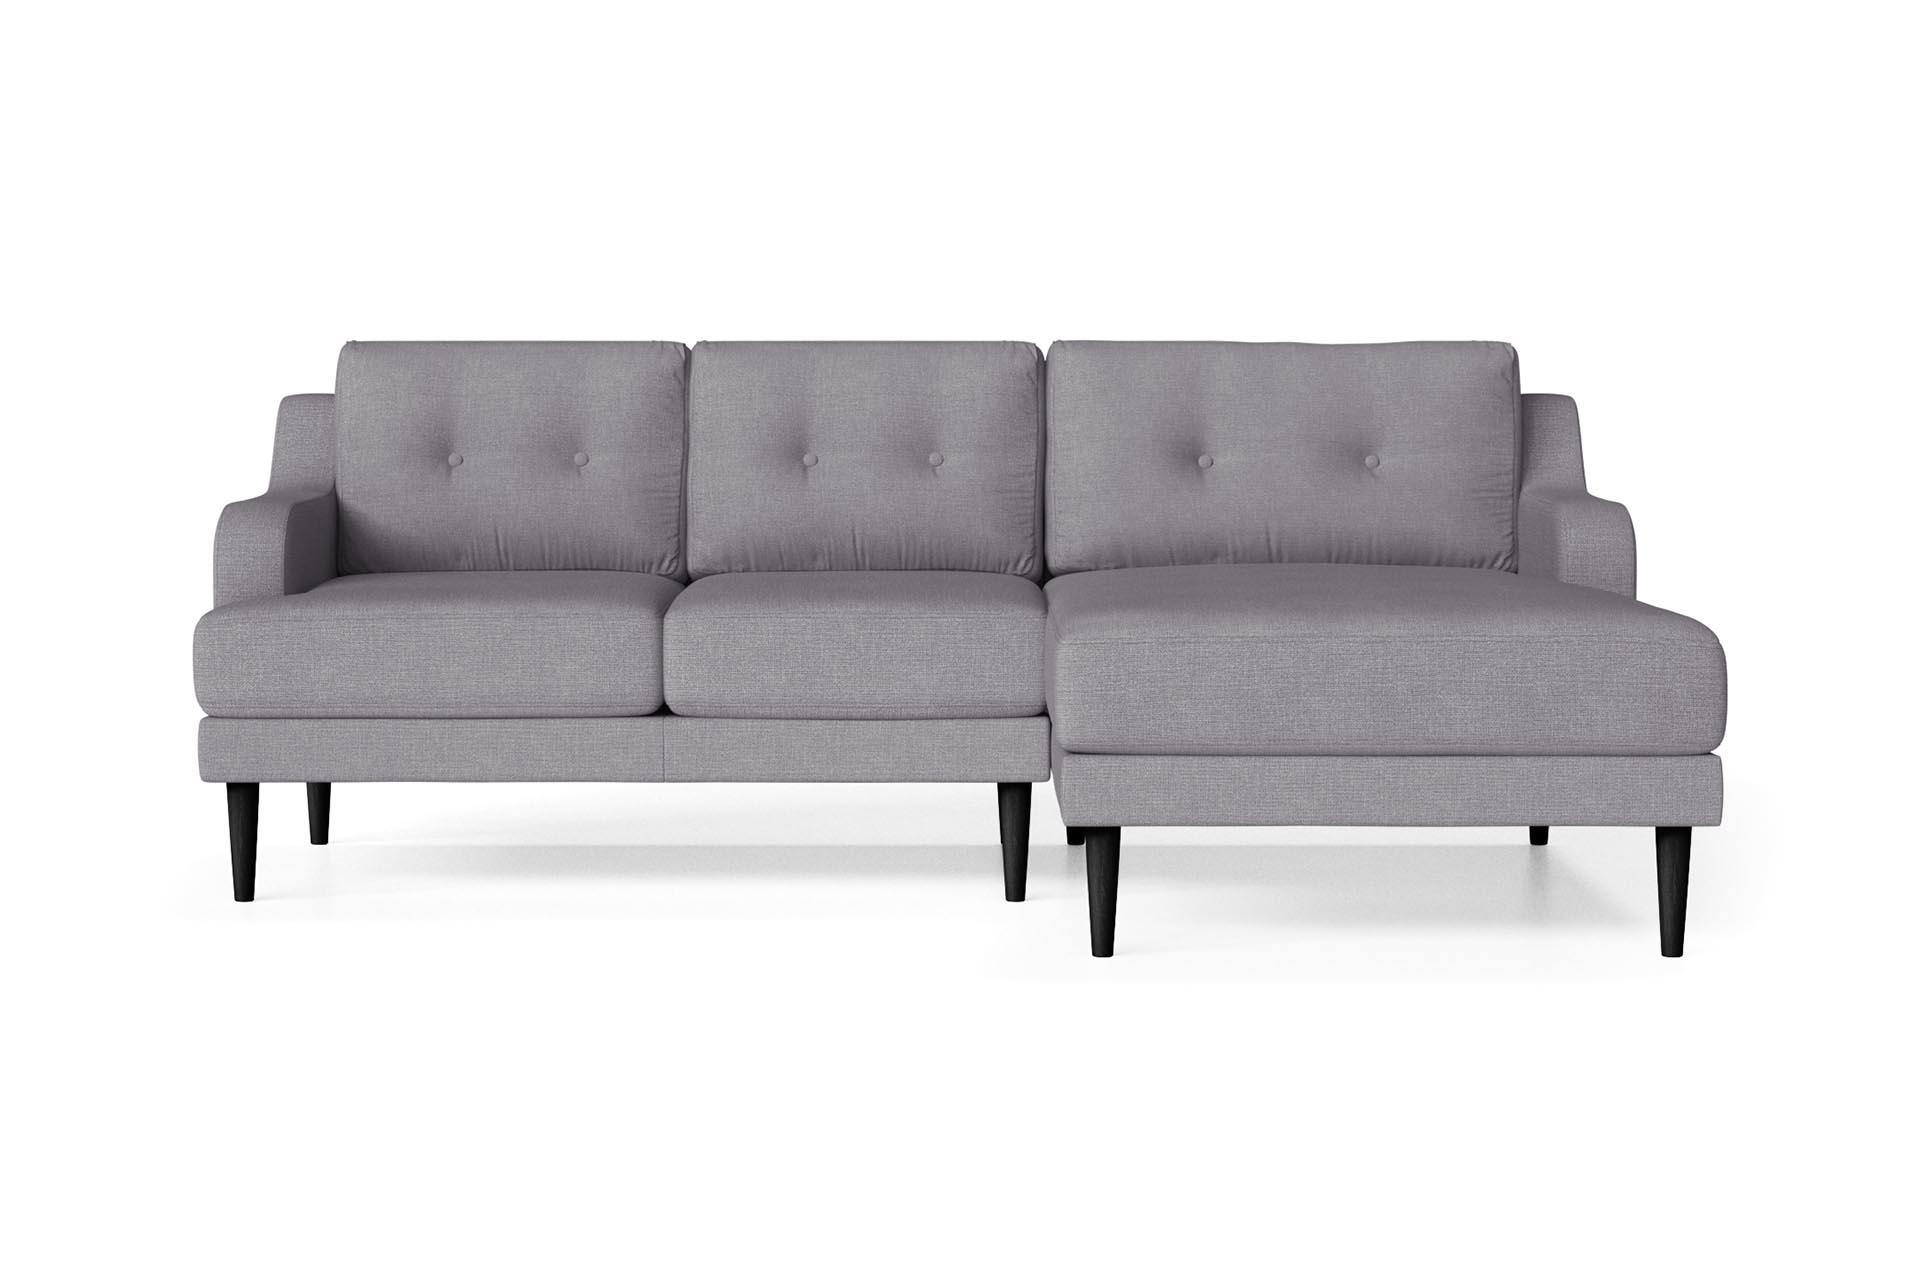 Canapé d'angle droit 4 places toucher lin gris